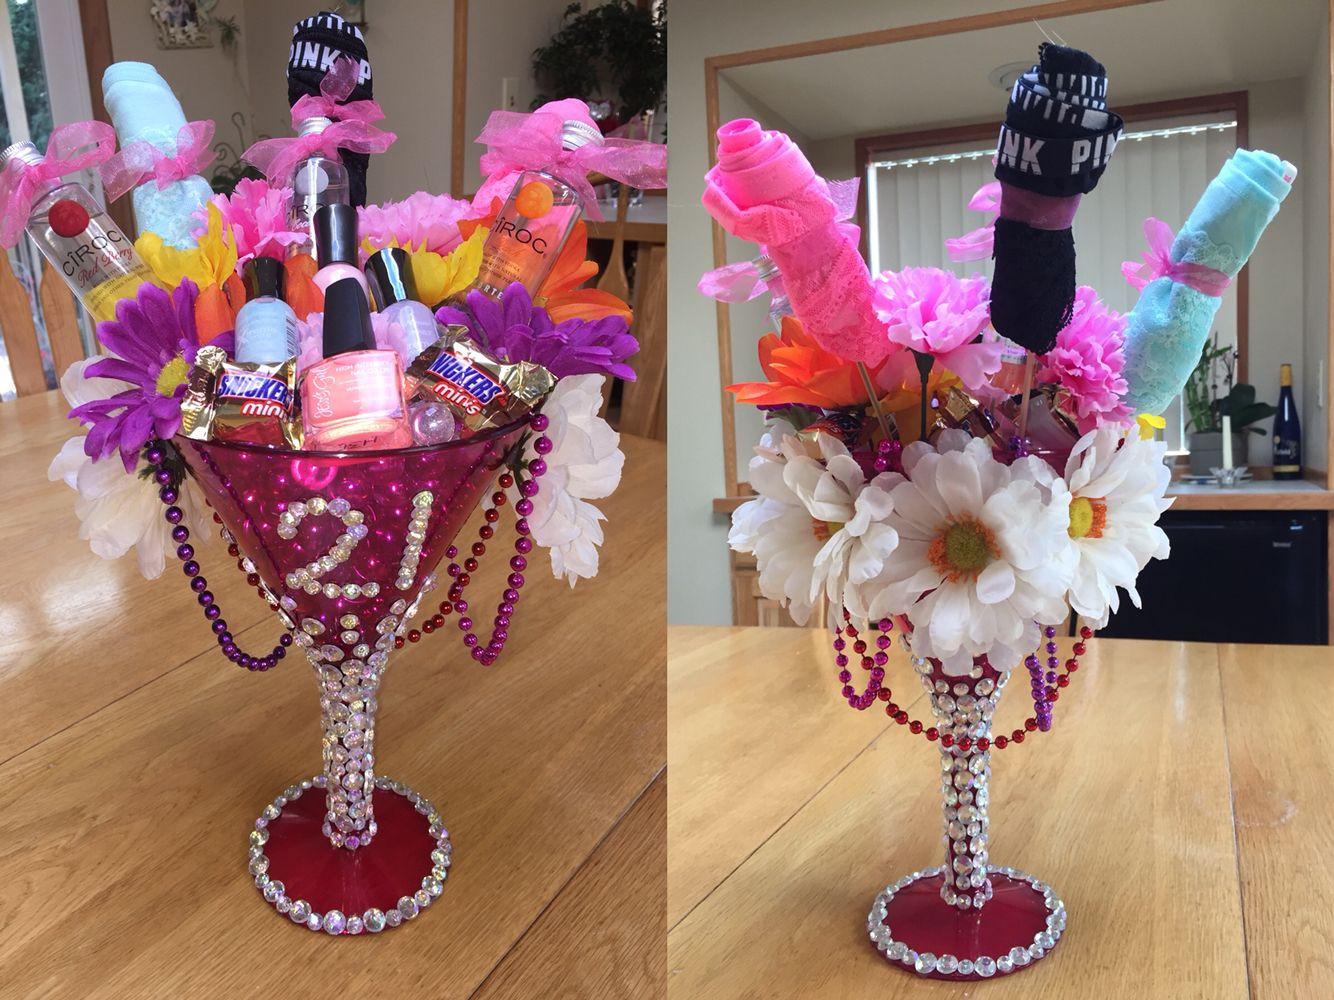 21St Birthday Gift Ideas For Girlfriend  Best 25 21st birthday ts for girls ideas on Pinterest